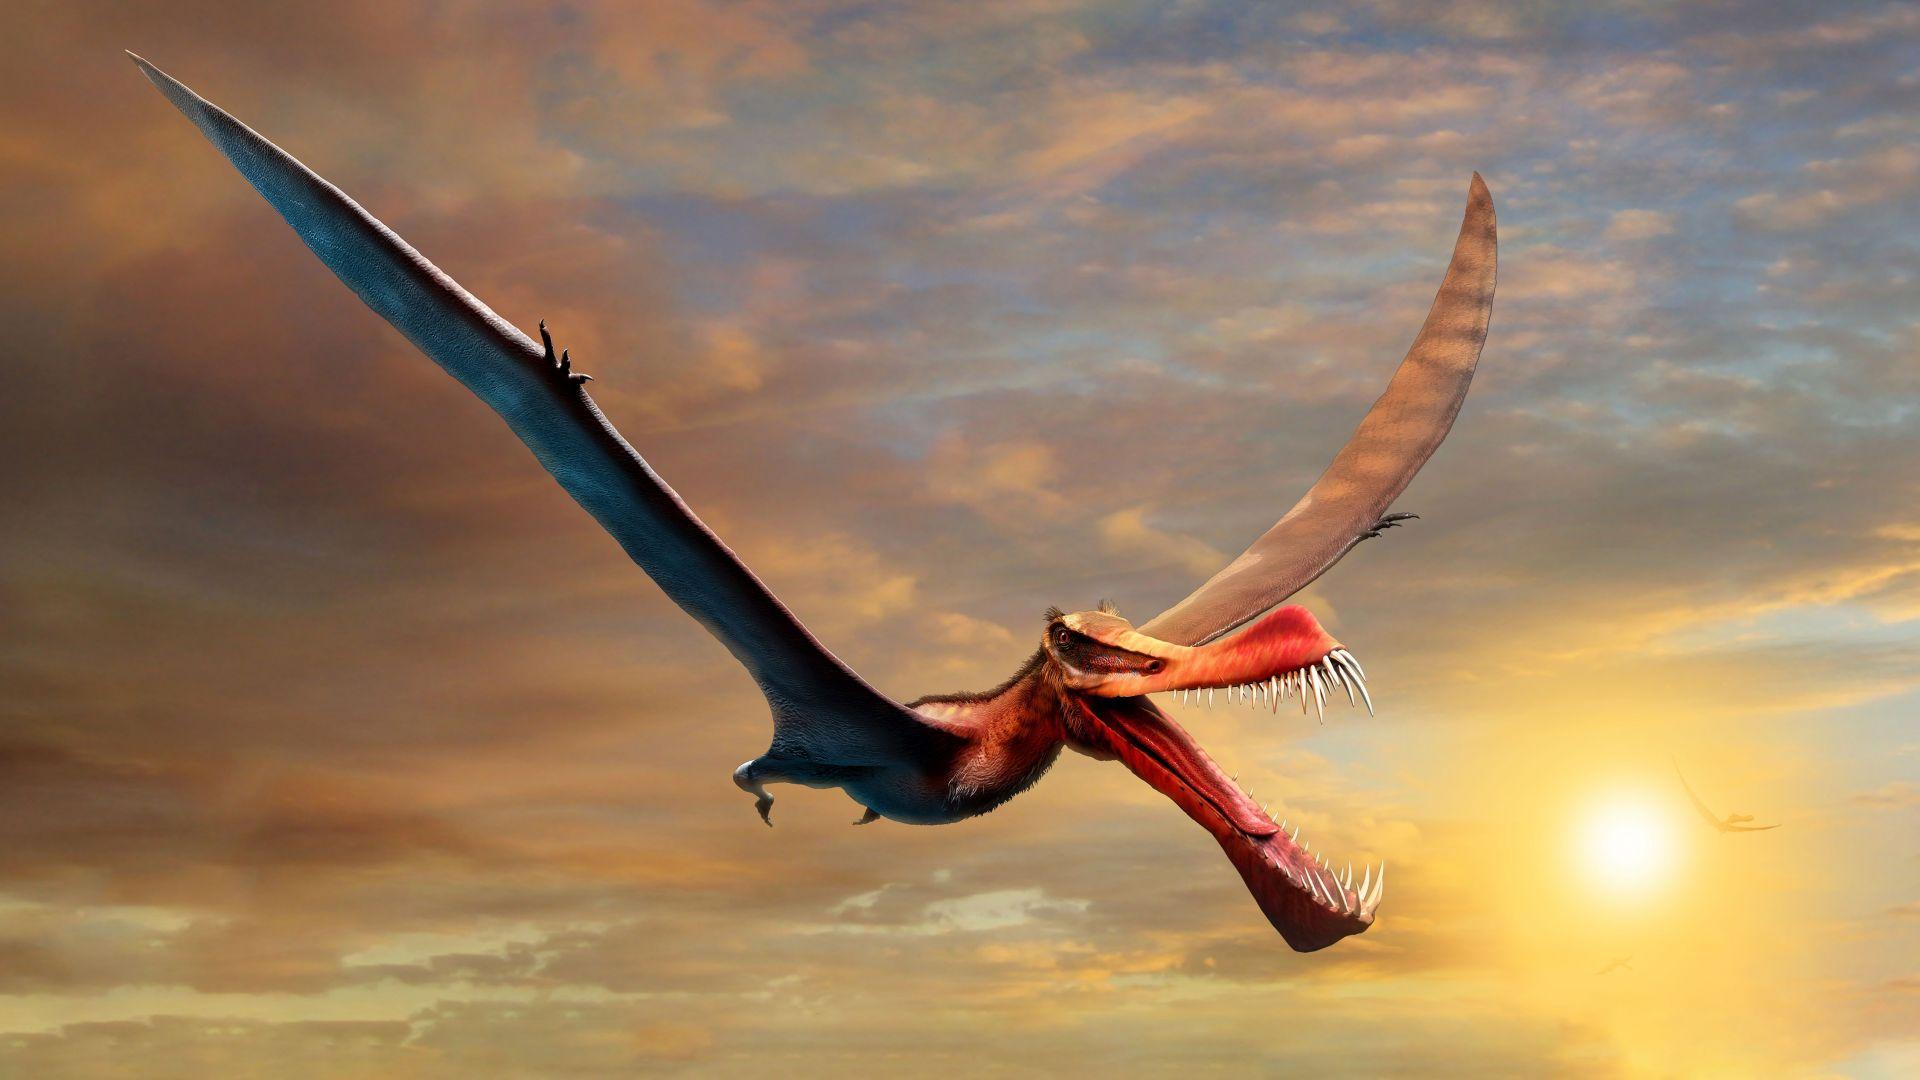 Откриха фосил на динозавър, който прилича на дракон